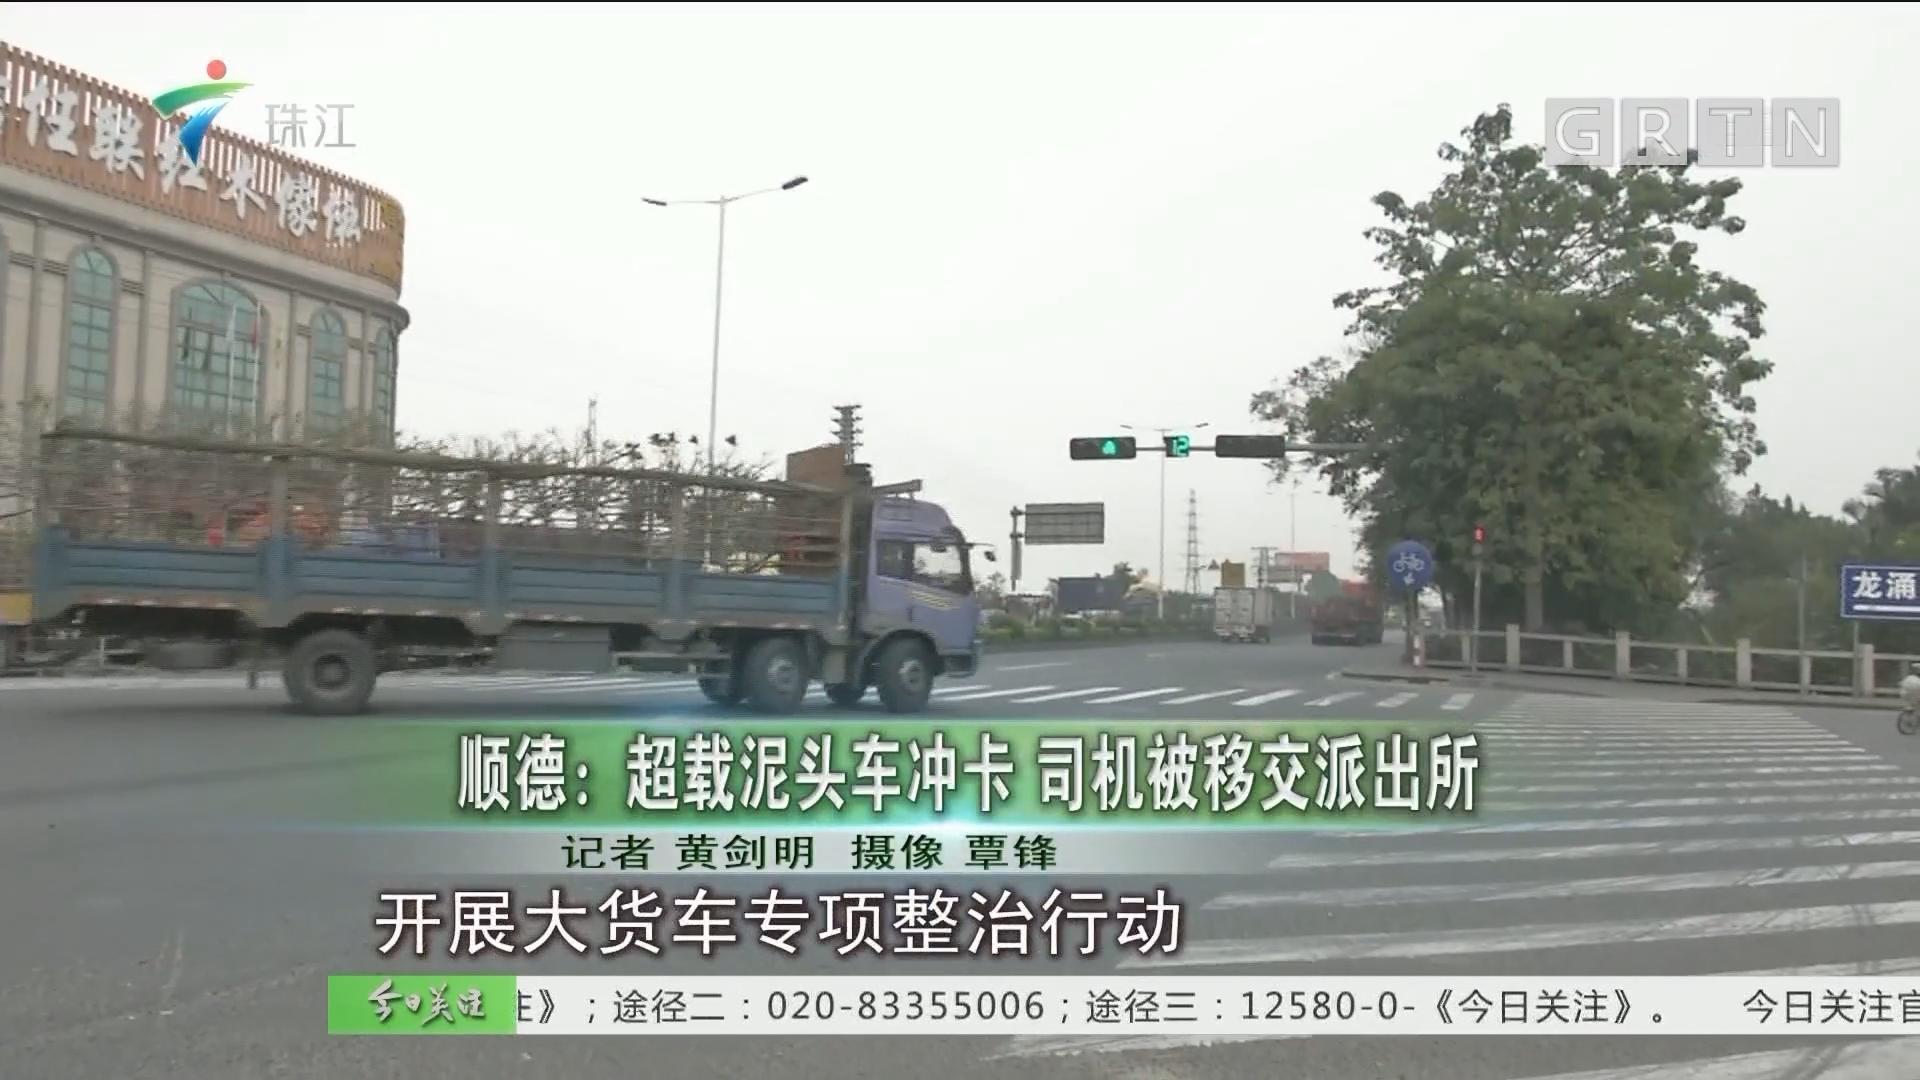 顺德:超载泥头车冲卡 司机被移交派出所